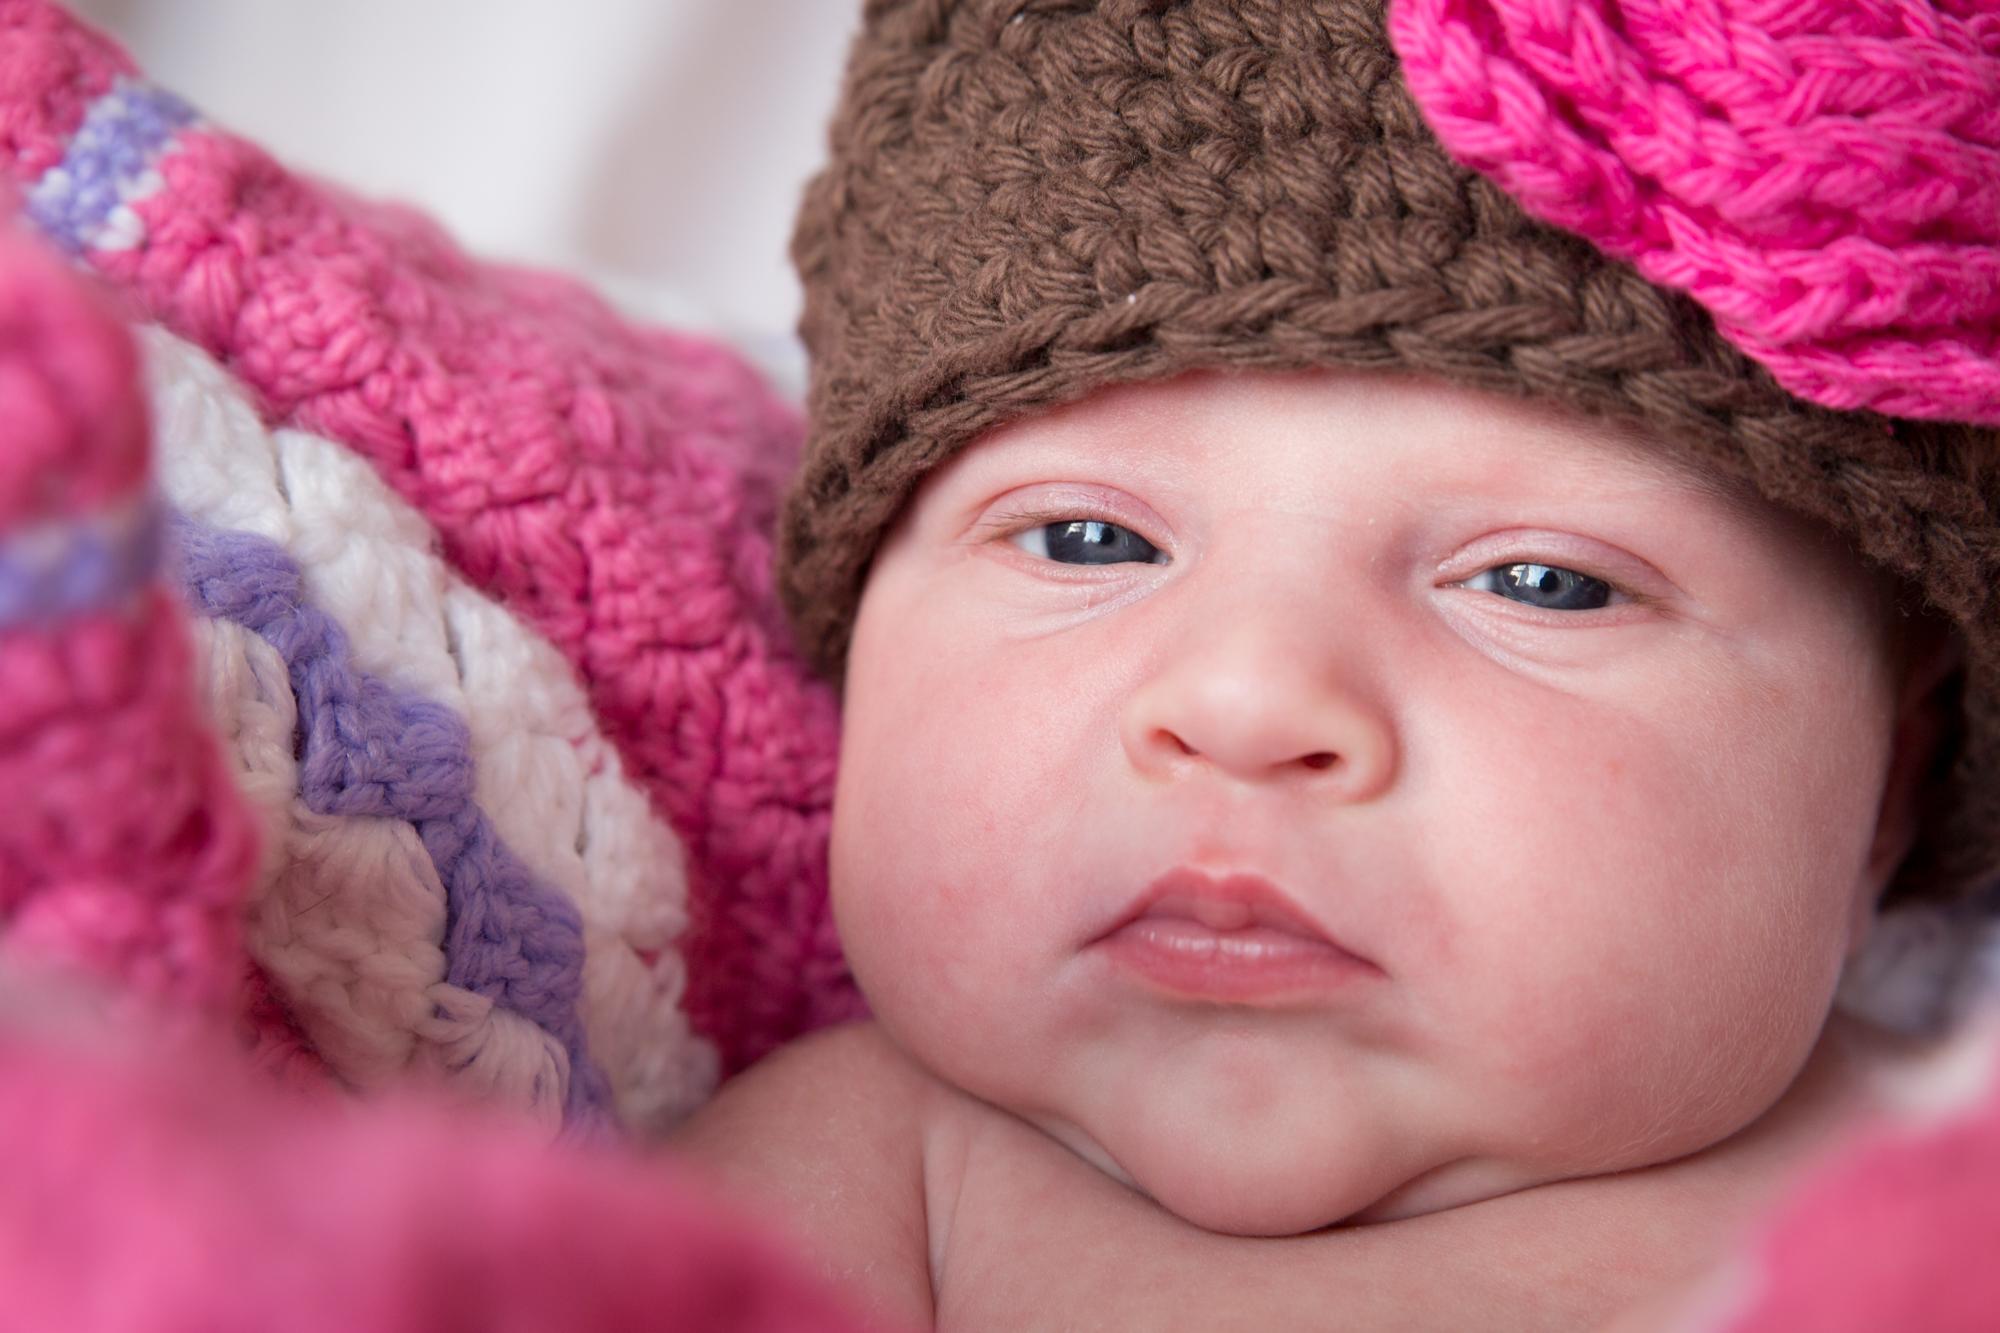 www.fivefivephotos.com.2014.Infant.Seckel.110